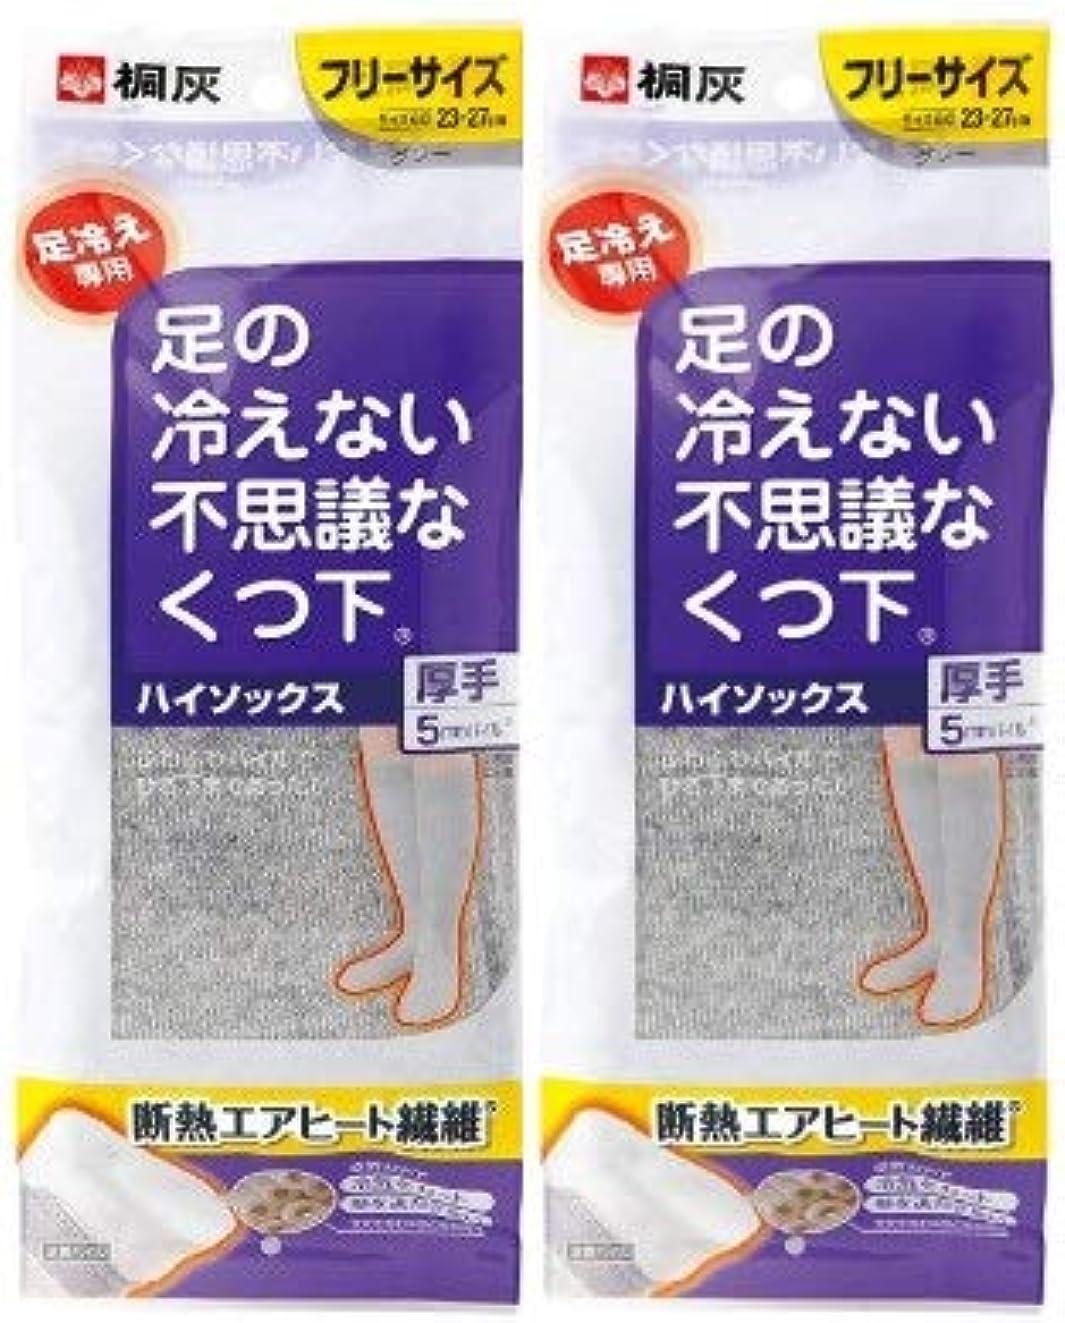 させる未接続順番【まとめ買い】桐灰化学 足の冷えない不思議なくつ下 ハイソックス 厚手 足冷え専用 フリーサイズ グレー 1足分(2個入)×2個セット